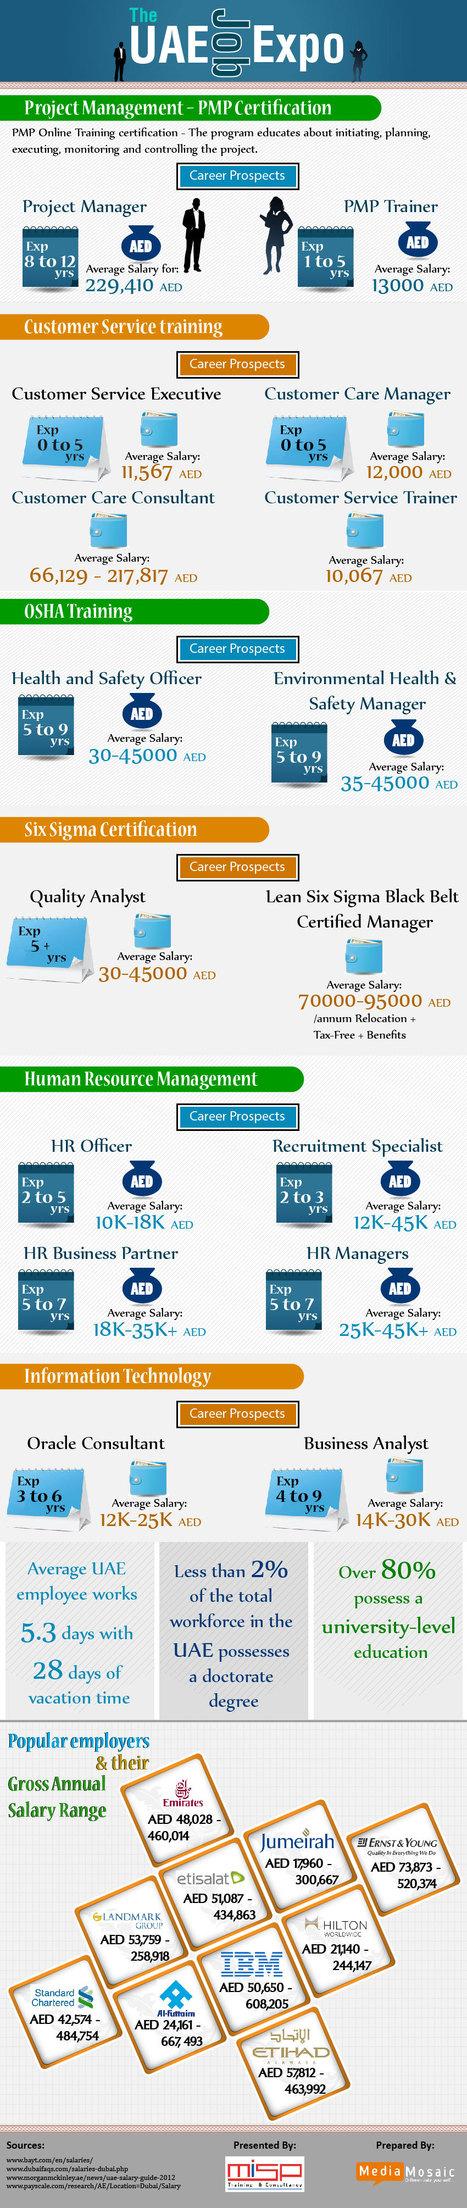 The UAE Job Expo | myuaeonline | Scoop.it